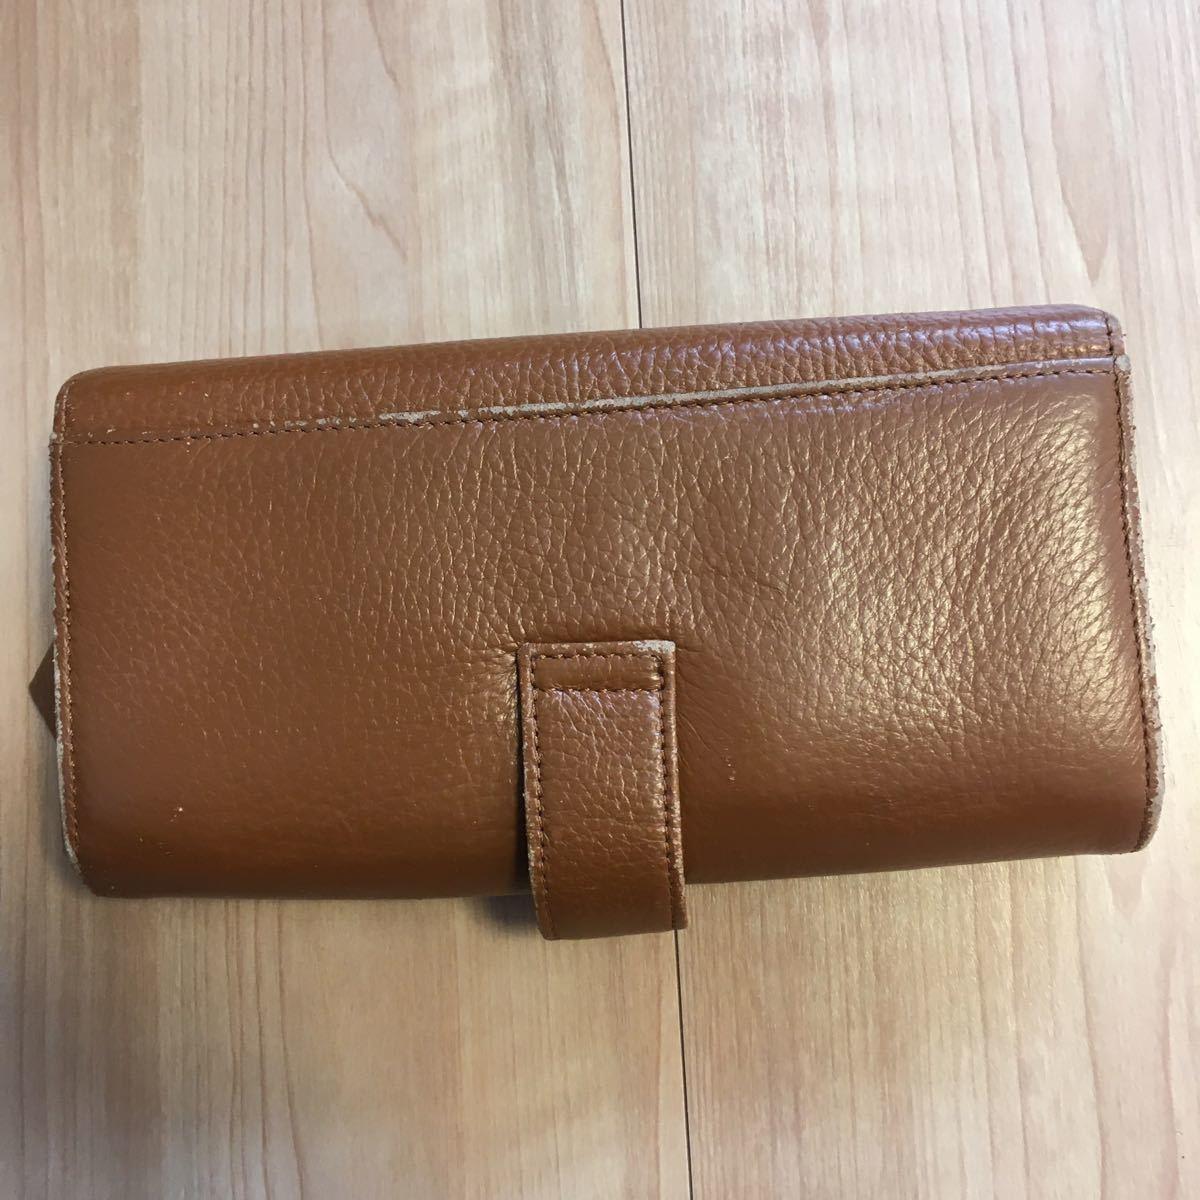 ポケットたくさん長財布